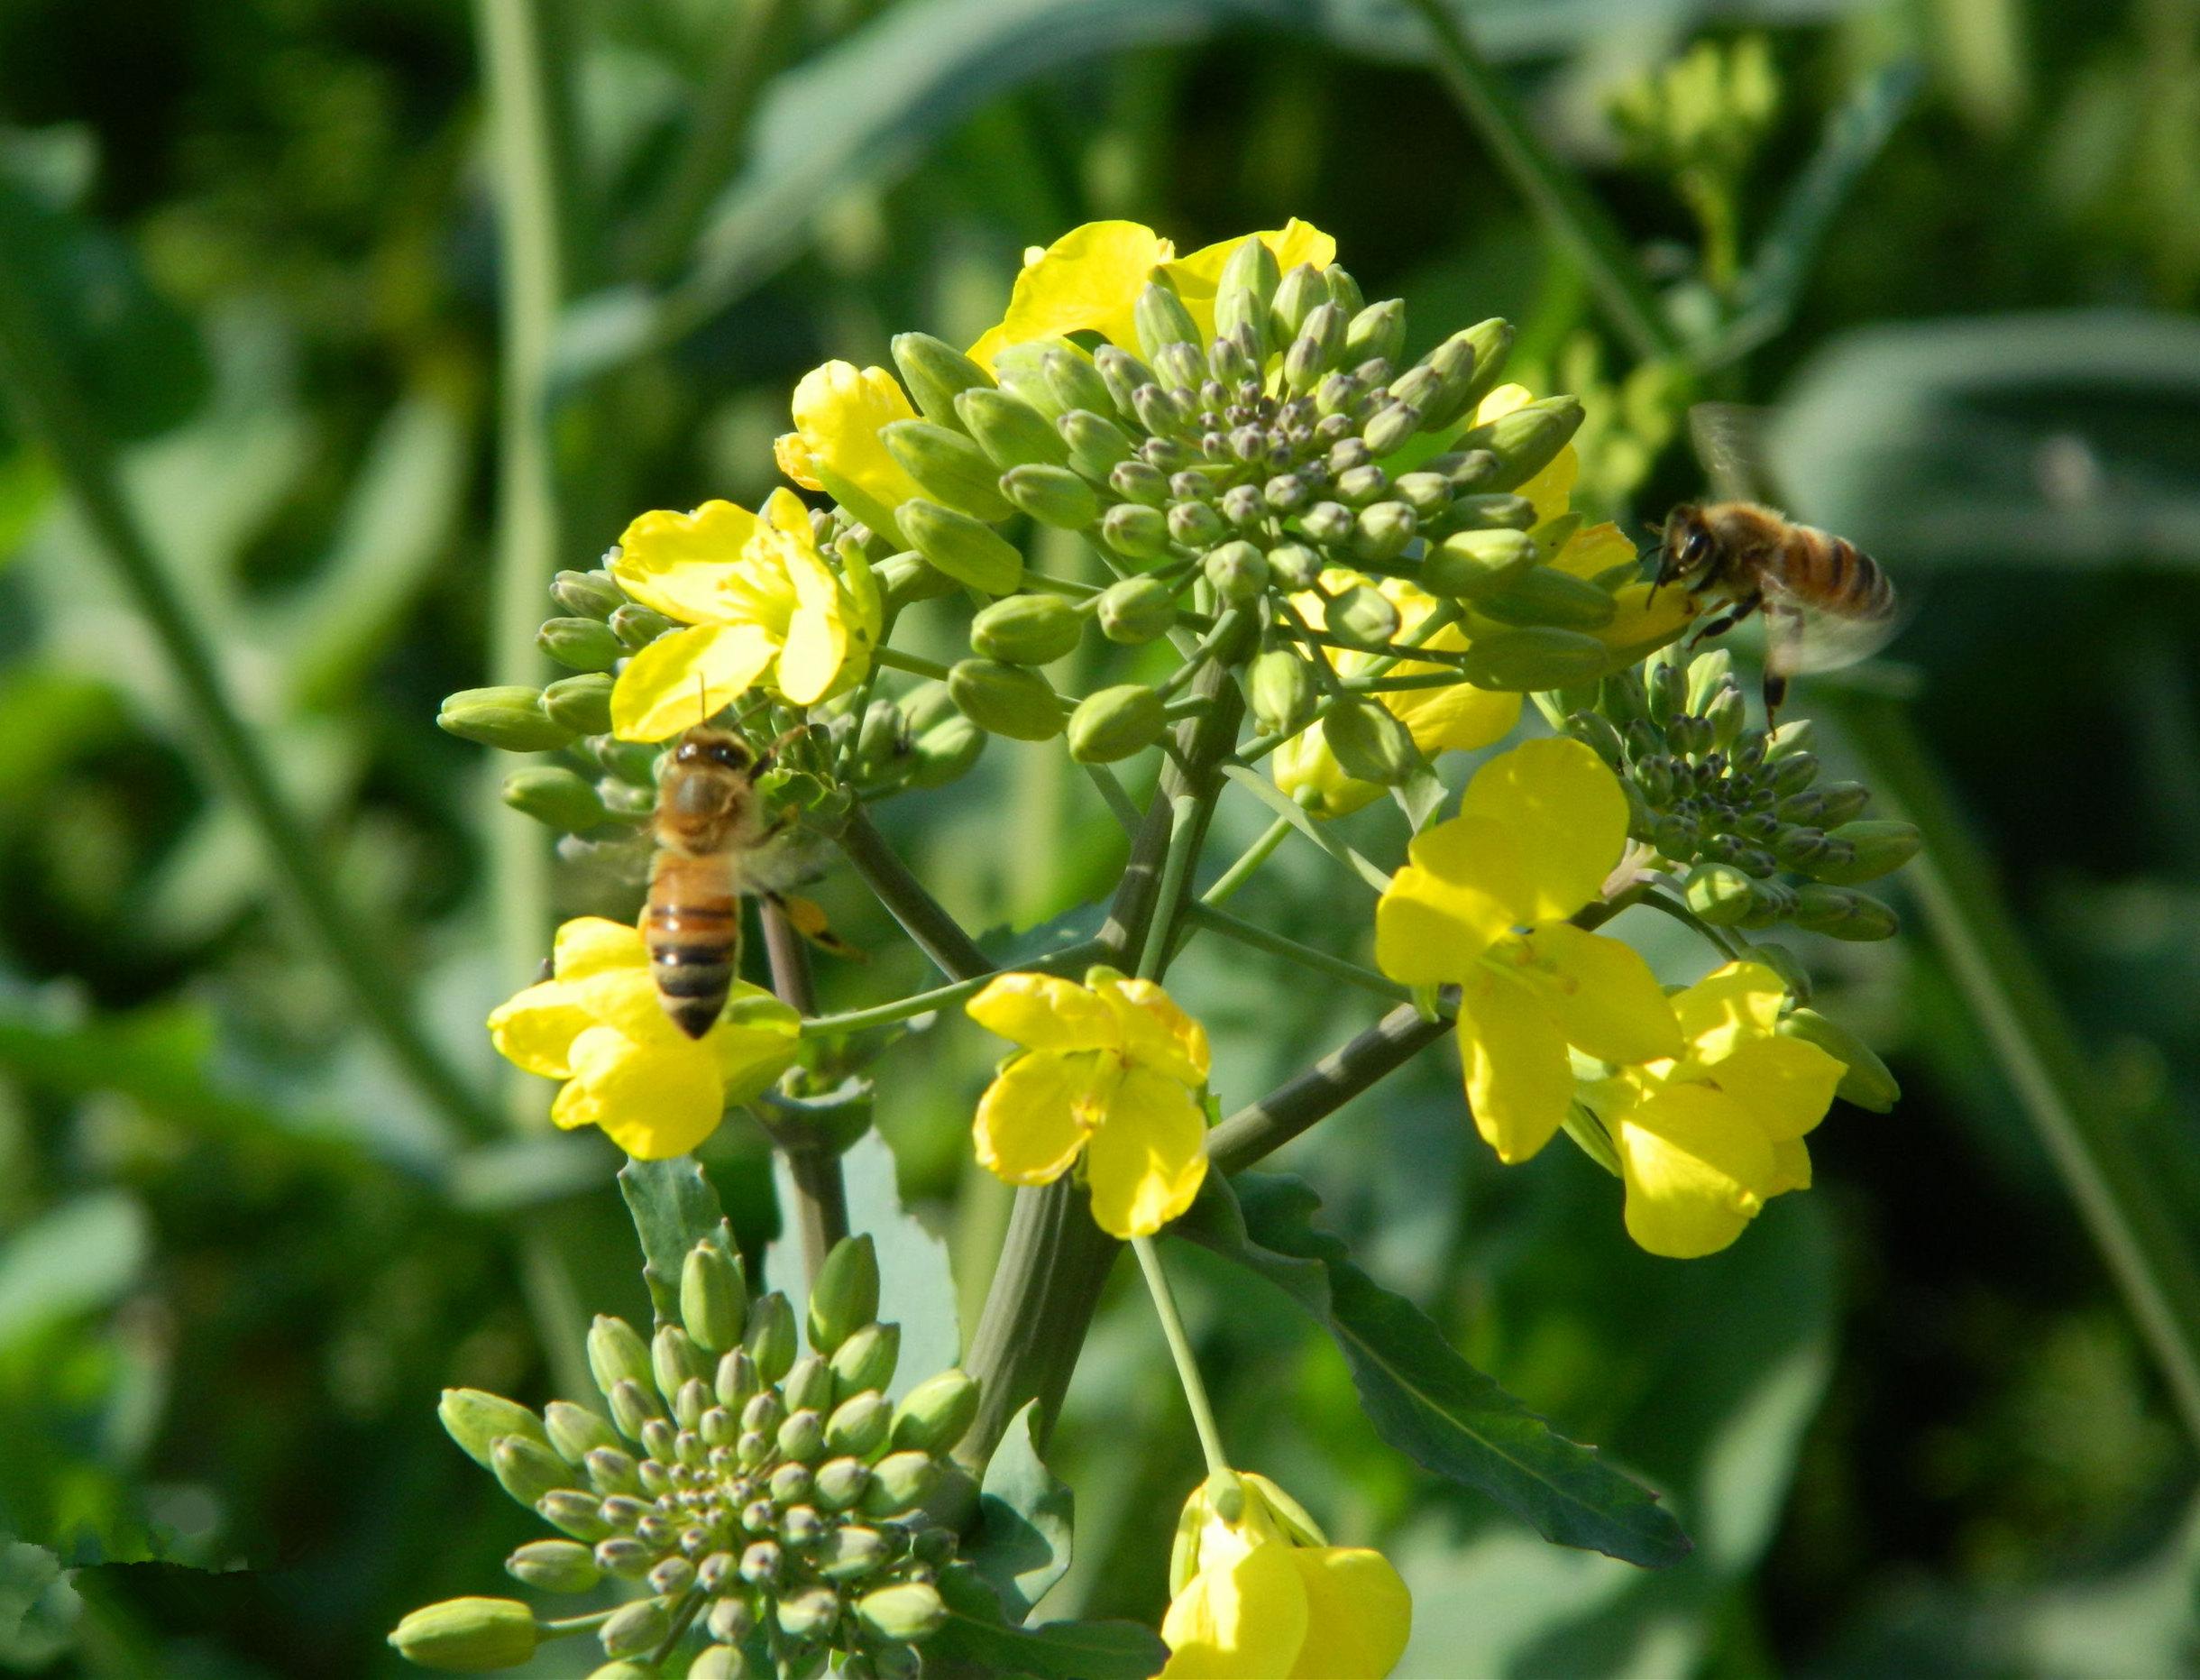 两只小蜜蜂,飞在油菜花丛中.(网络图片)图片